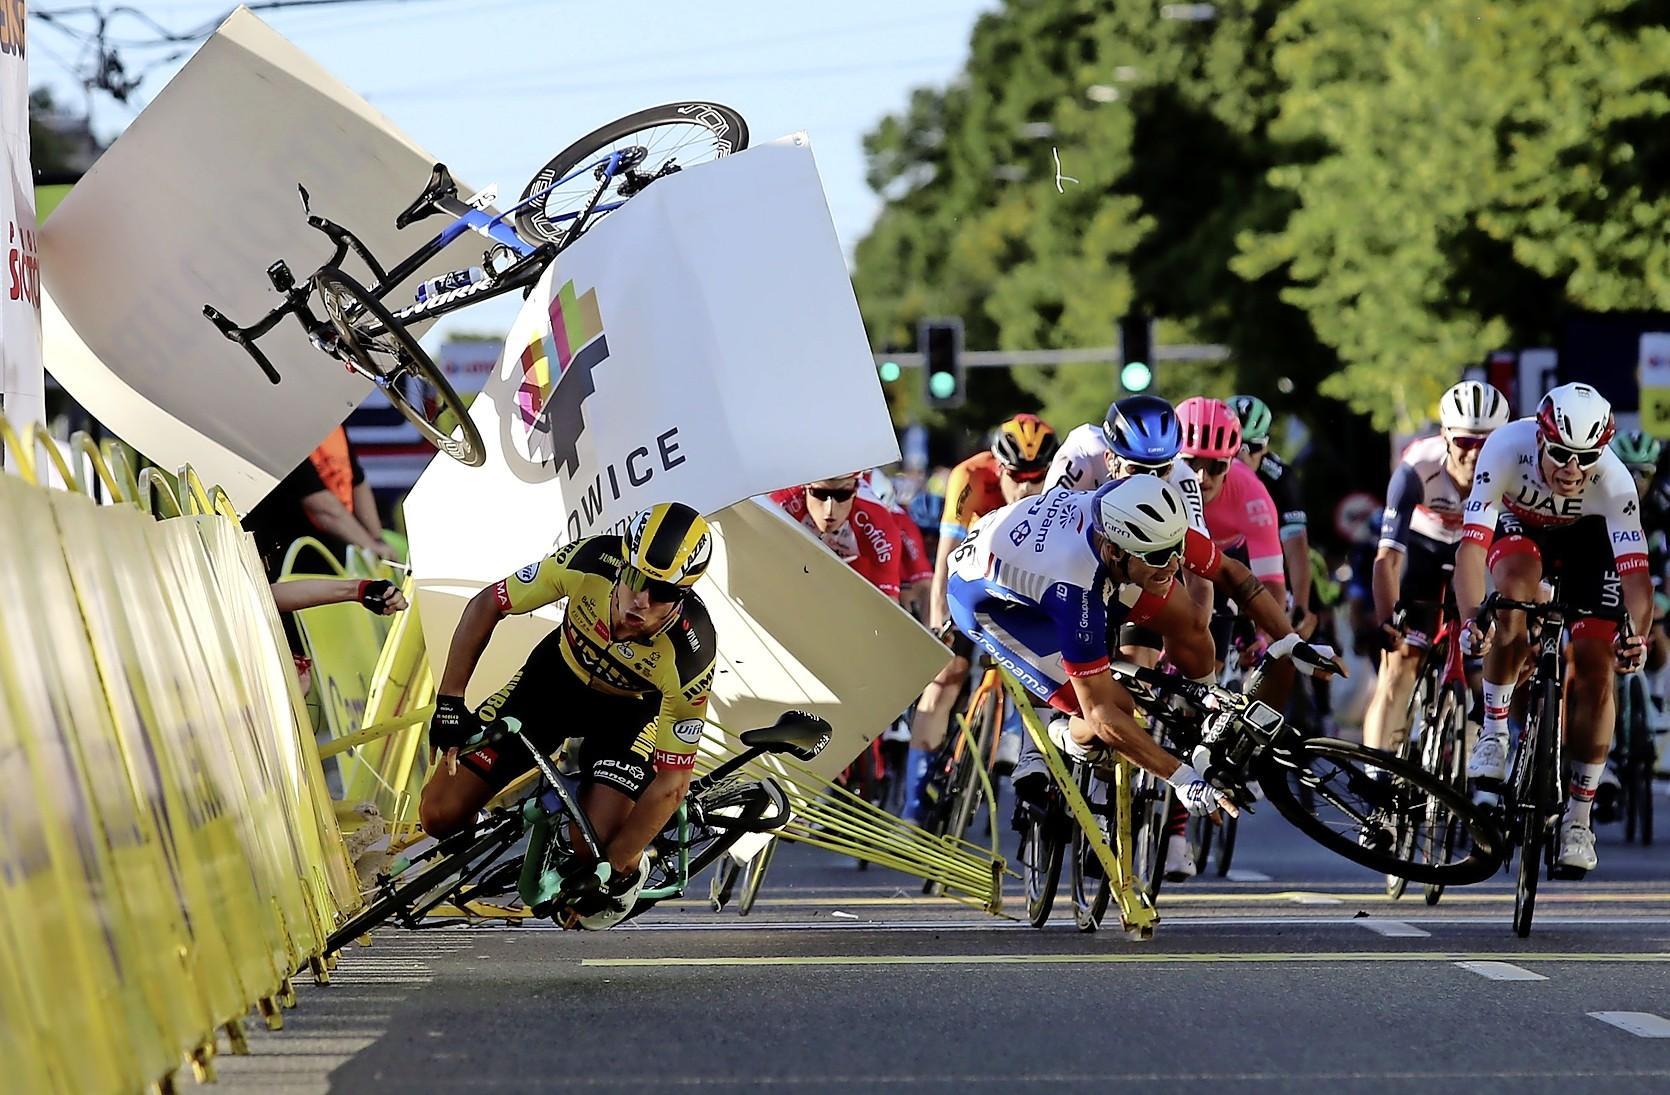 Toestand wielrenner Fabio Jakobsen ernstig. Ploegleider Patrick Lefevere woedend.'Dit was een moordaanslag van Groenewegen. 'Ik sleur hem voor de rechtbank'